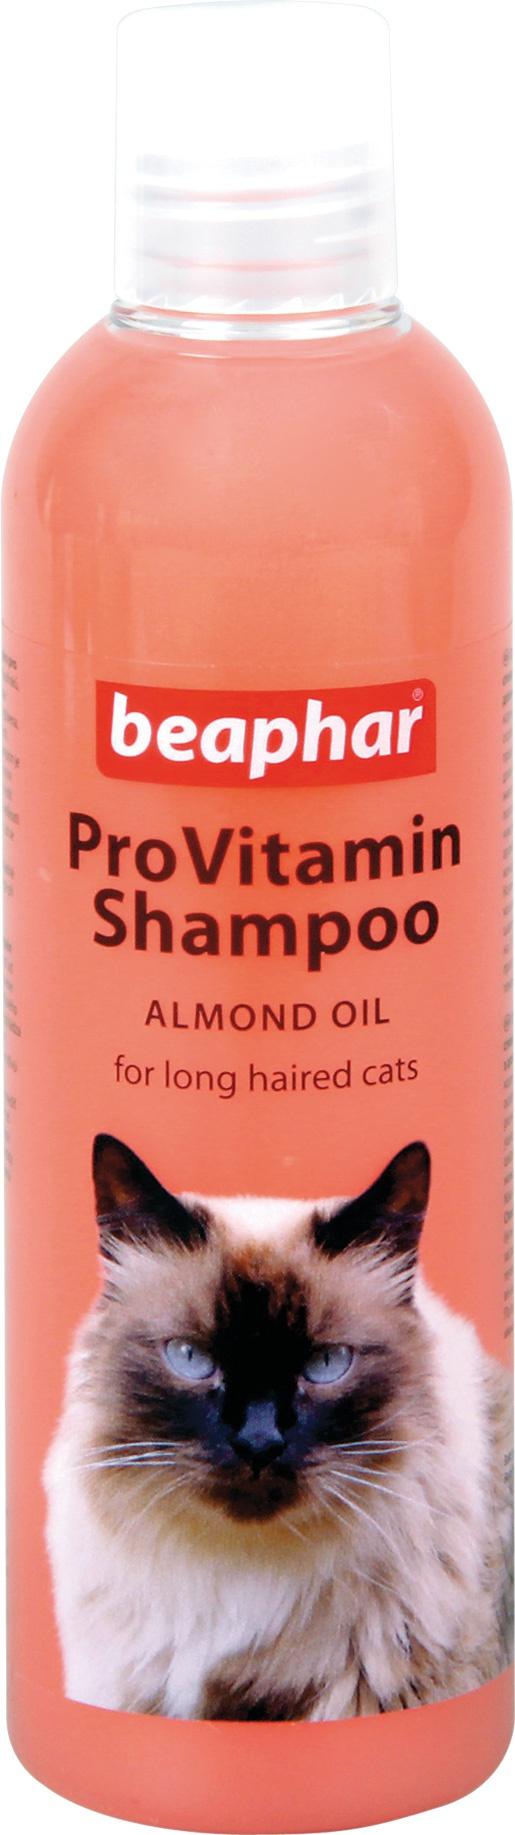 Beaphar šampón pro kočky proti zacuchání 250ml